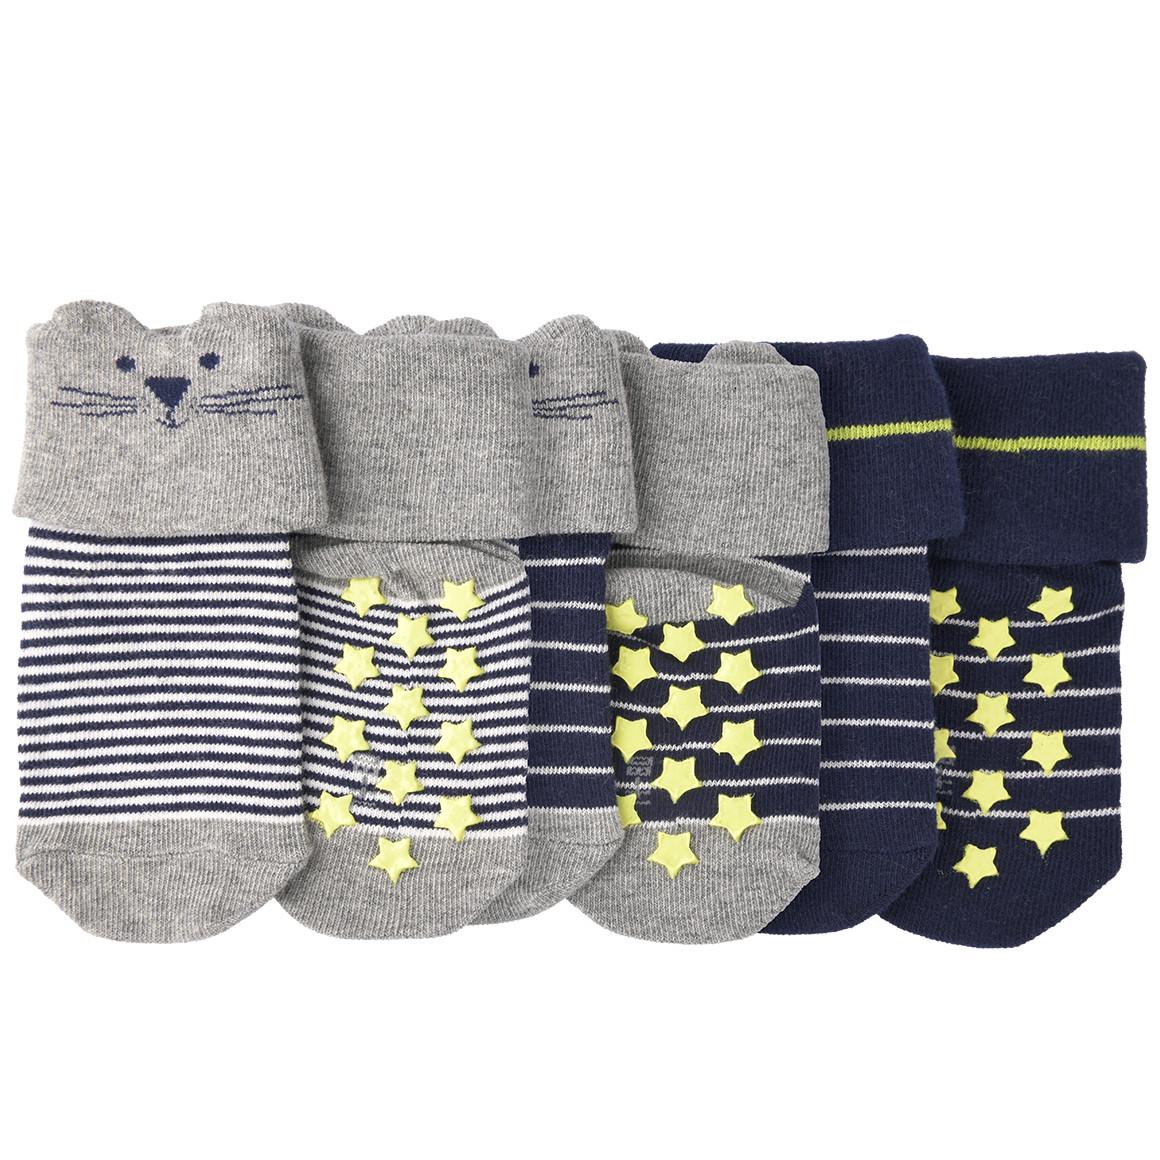 Babyaccessoires - 3 Paar Newborn Socken mit Umschlag - Onlineshop Ernstings family